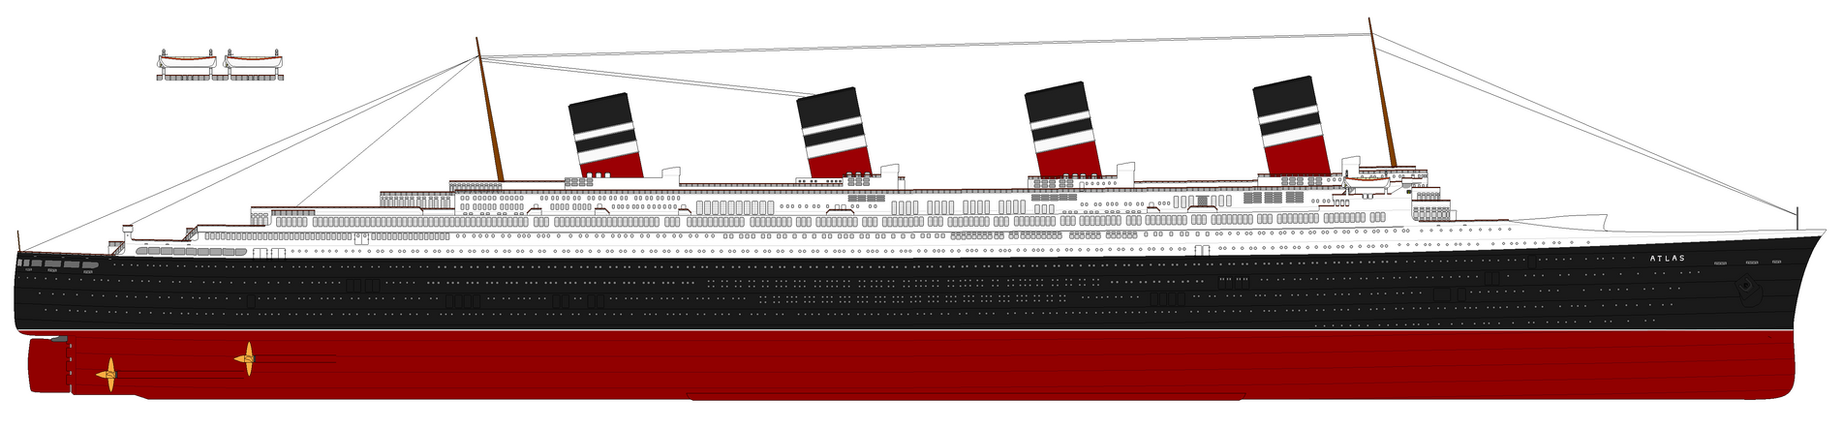 RMS Atlas WIP 11 by Quarteon01